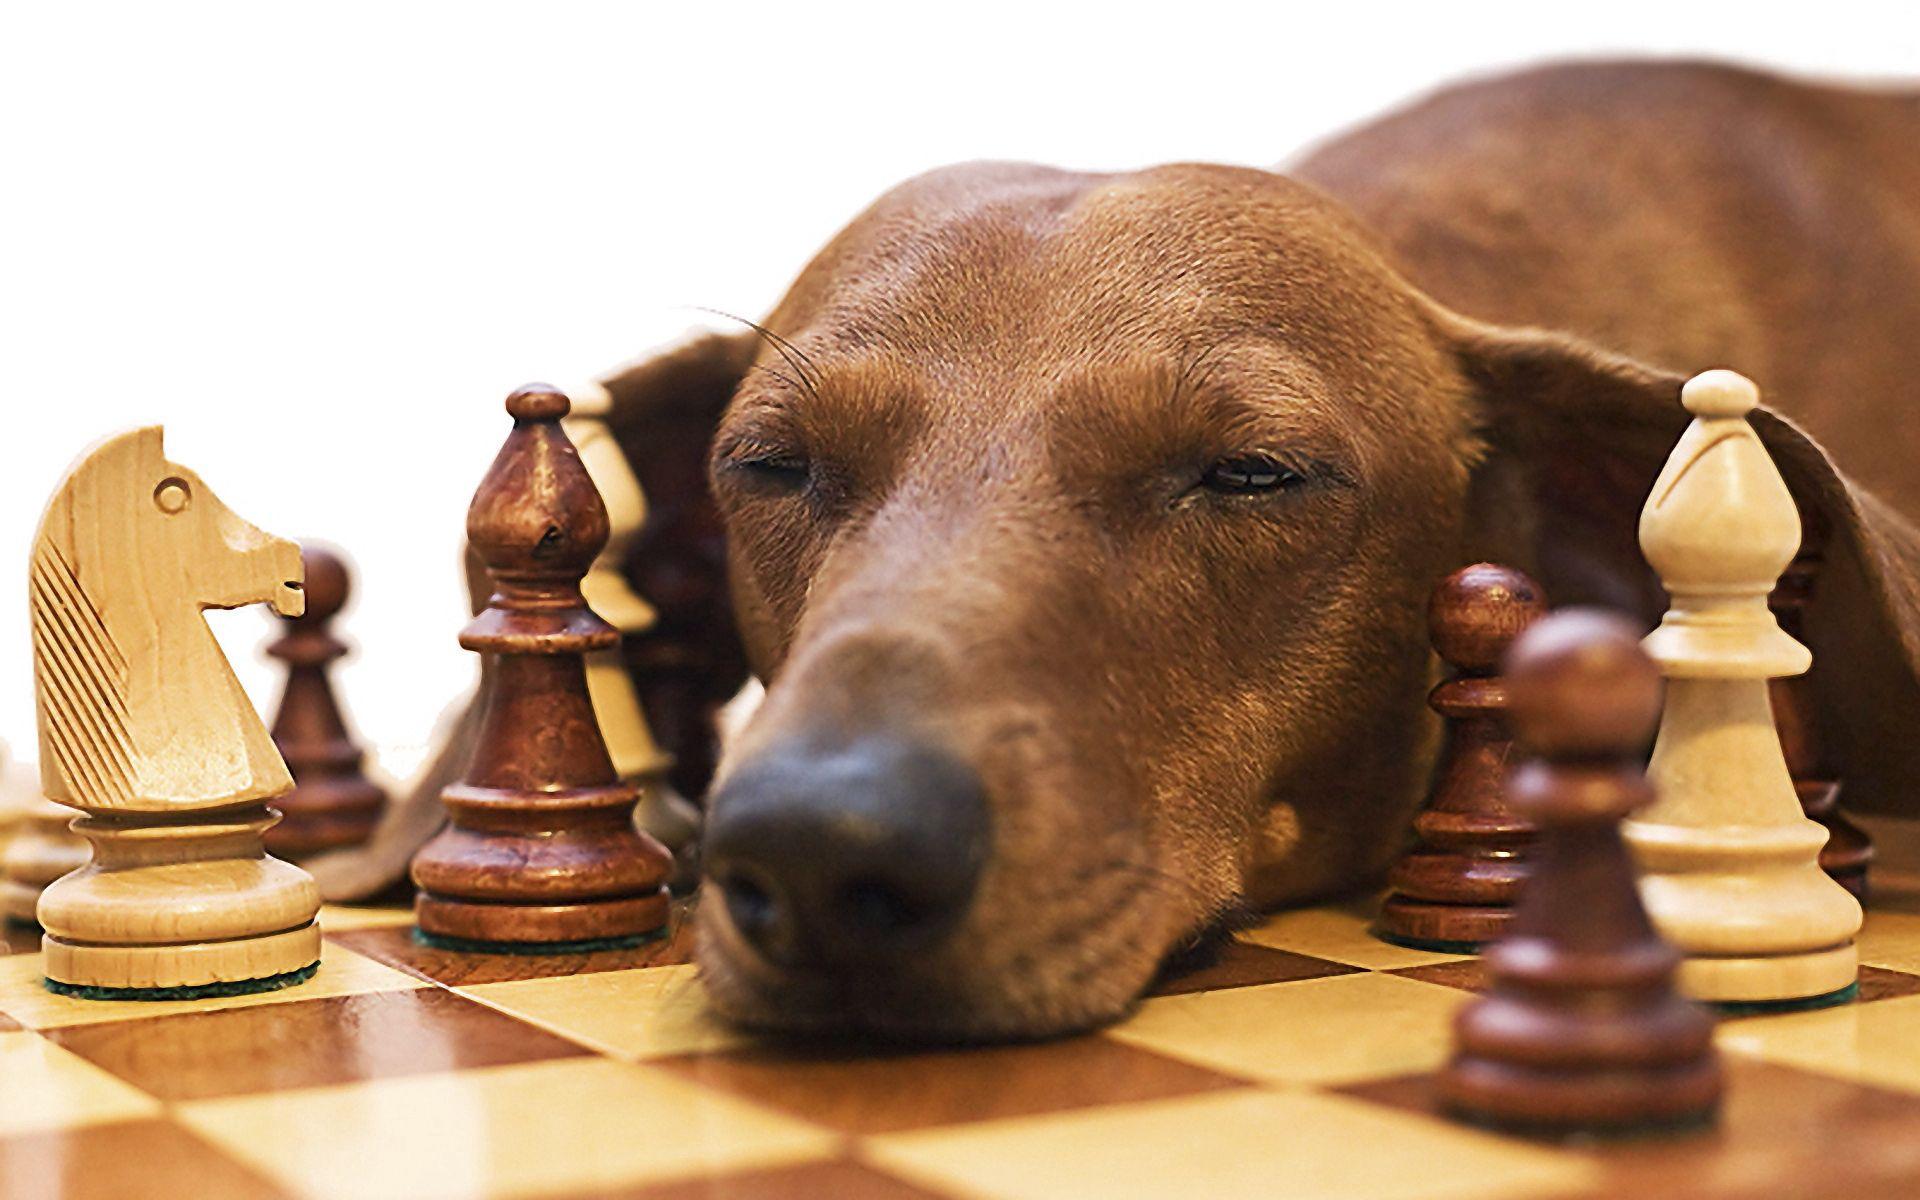 151067 Hintergrundbild herunterladen Tiere, Chess, Hund, Schnauze, Dackel, Ermüden, Müdigkeit - Bildschirmschoner und Bilder kostenlos